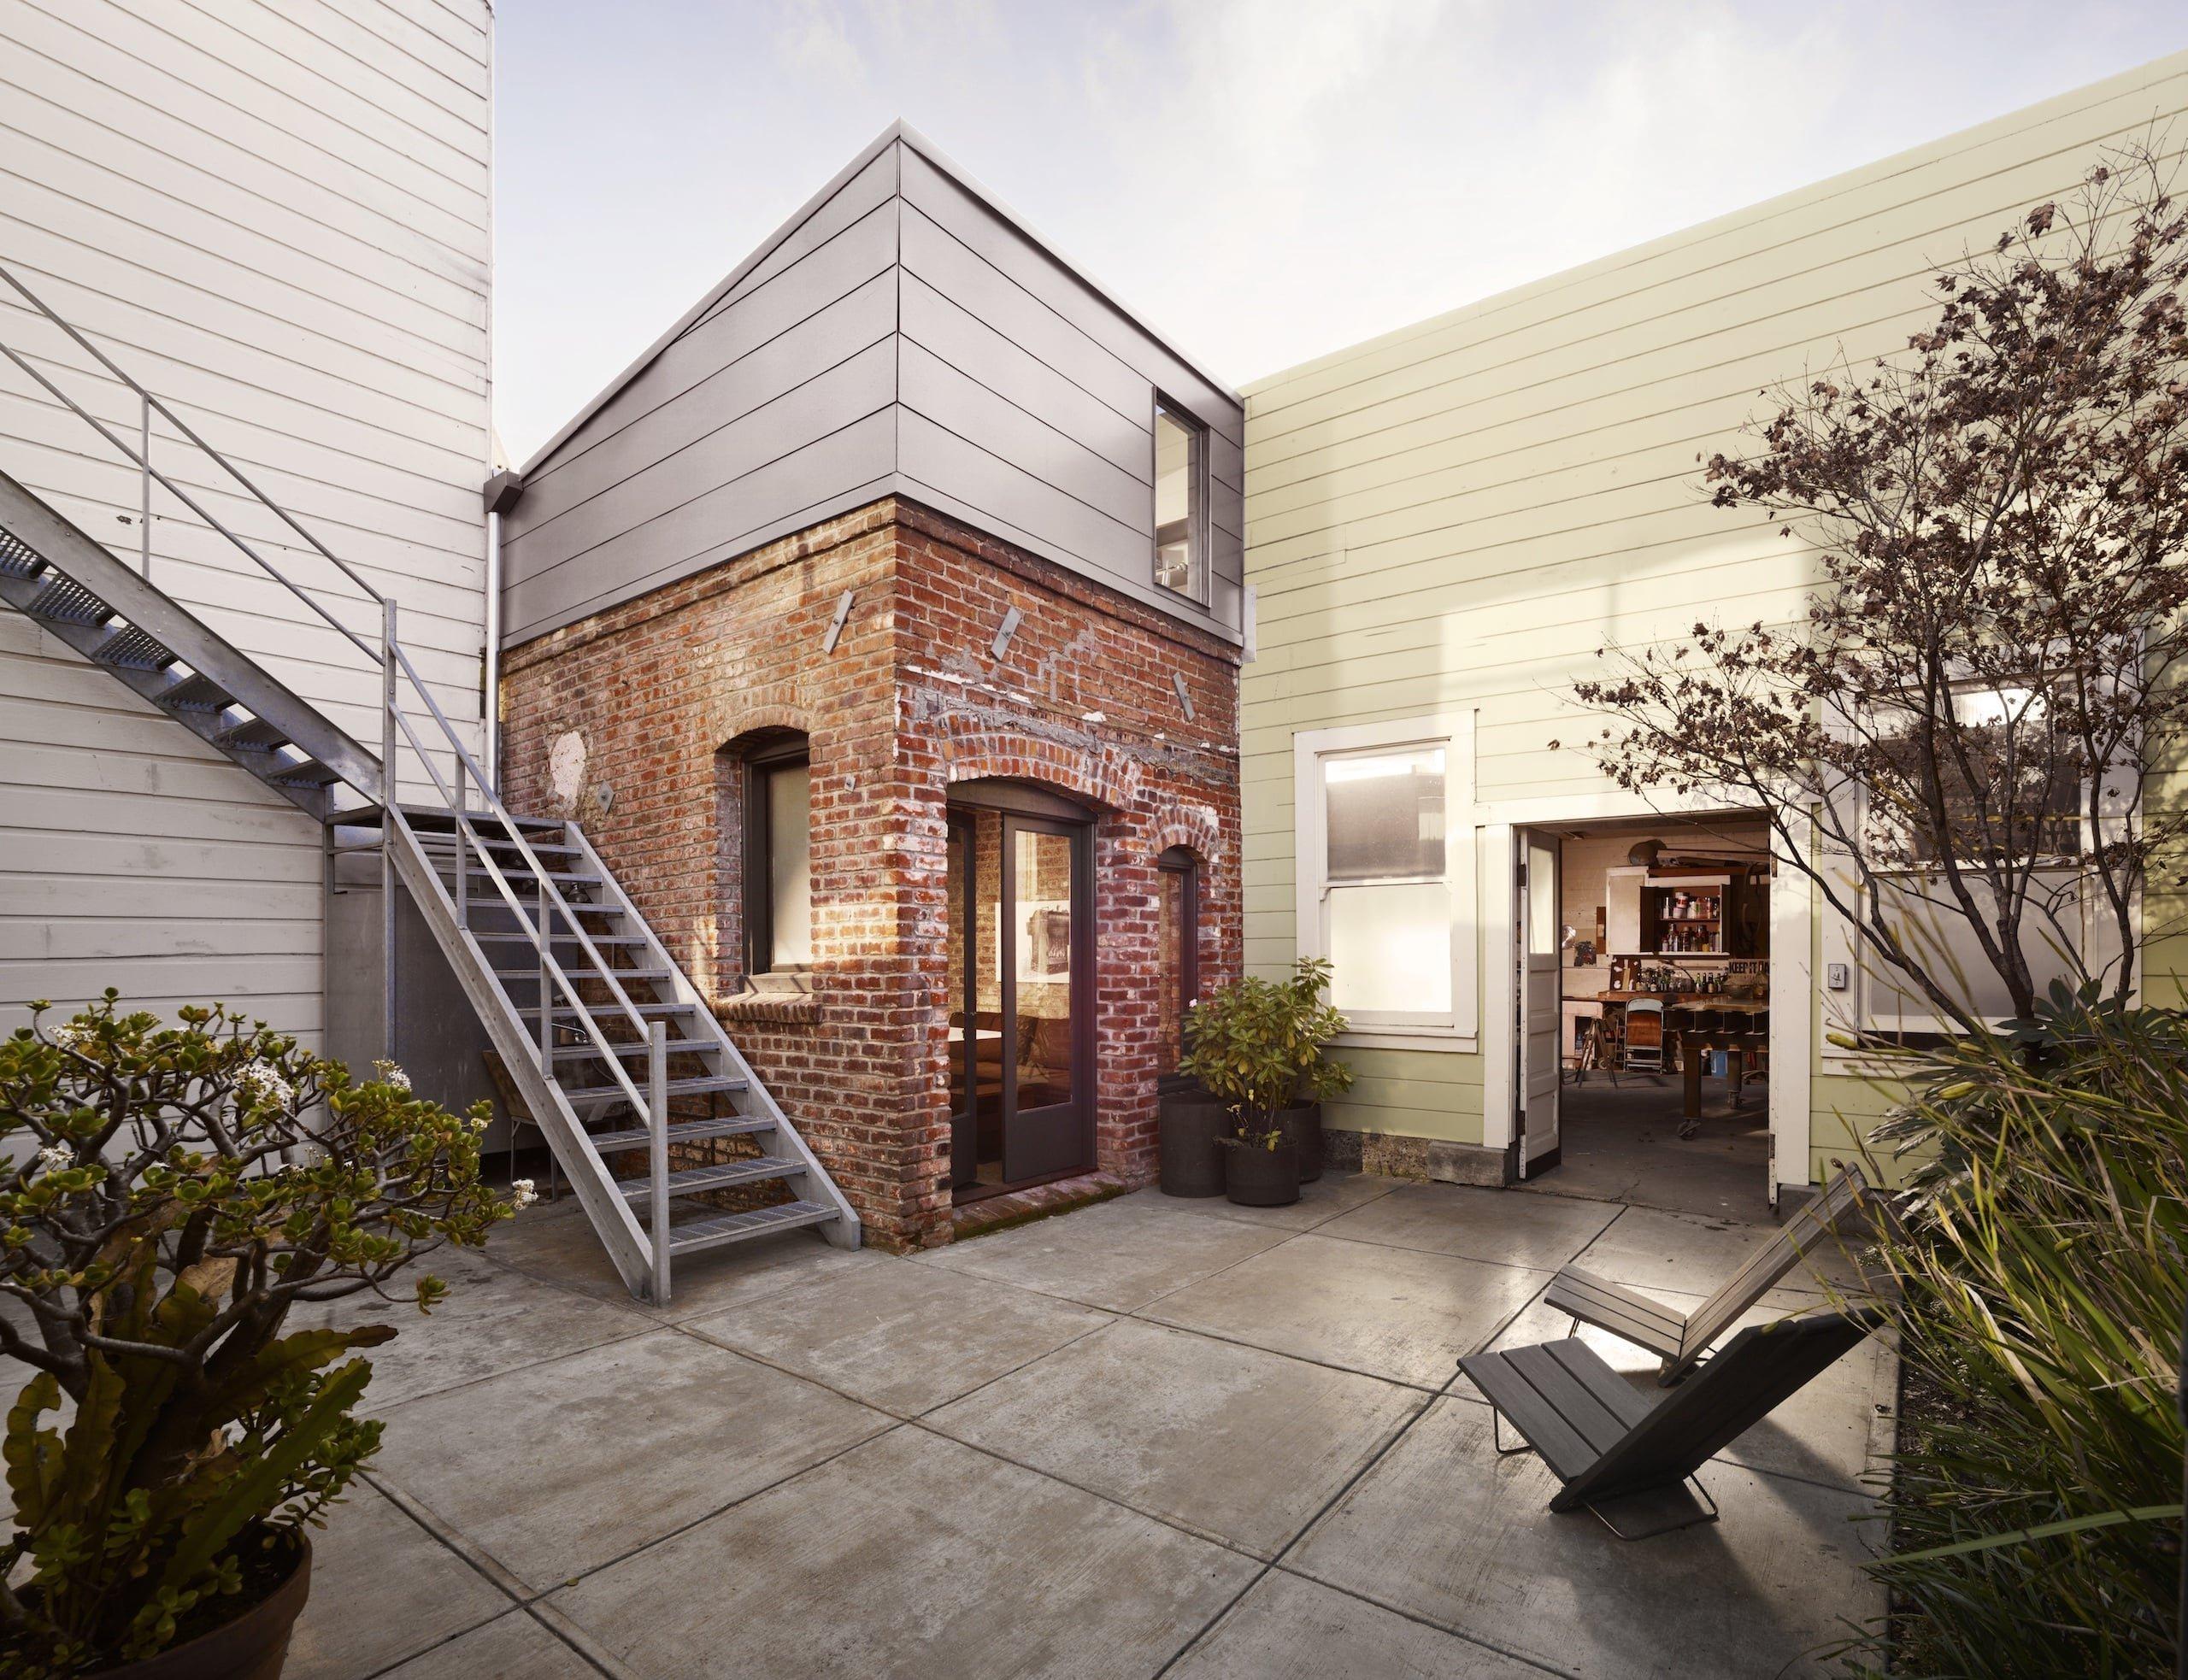 """""""Nevšední prostory jsou pro mě vždy zdrojem kreativity,"""" popisuje architektka Cesar Rubio důvod, proč se pustila do bláznivé rekonstrukce 100 let staré prádelny. Tento zpustlý prostor o velikosti 88 metrů čtverečních objevila mezi inzercí v San Francisku. Rozhodla se, že tento domek ve vnitrobloku přetvoří na útulné bydlení."""